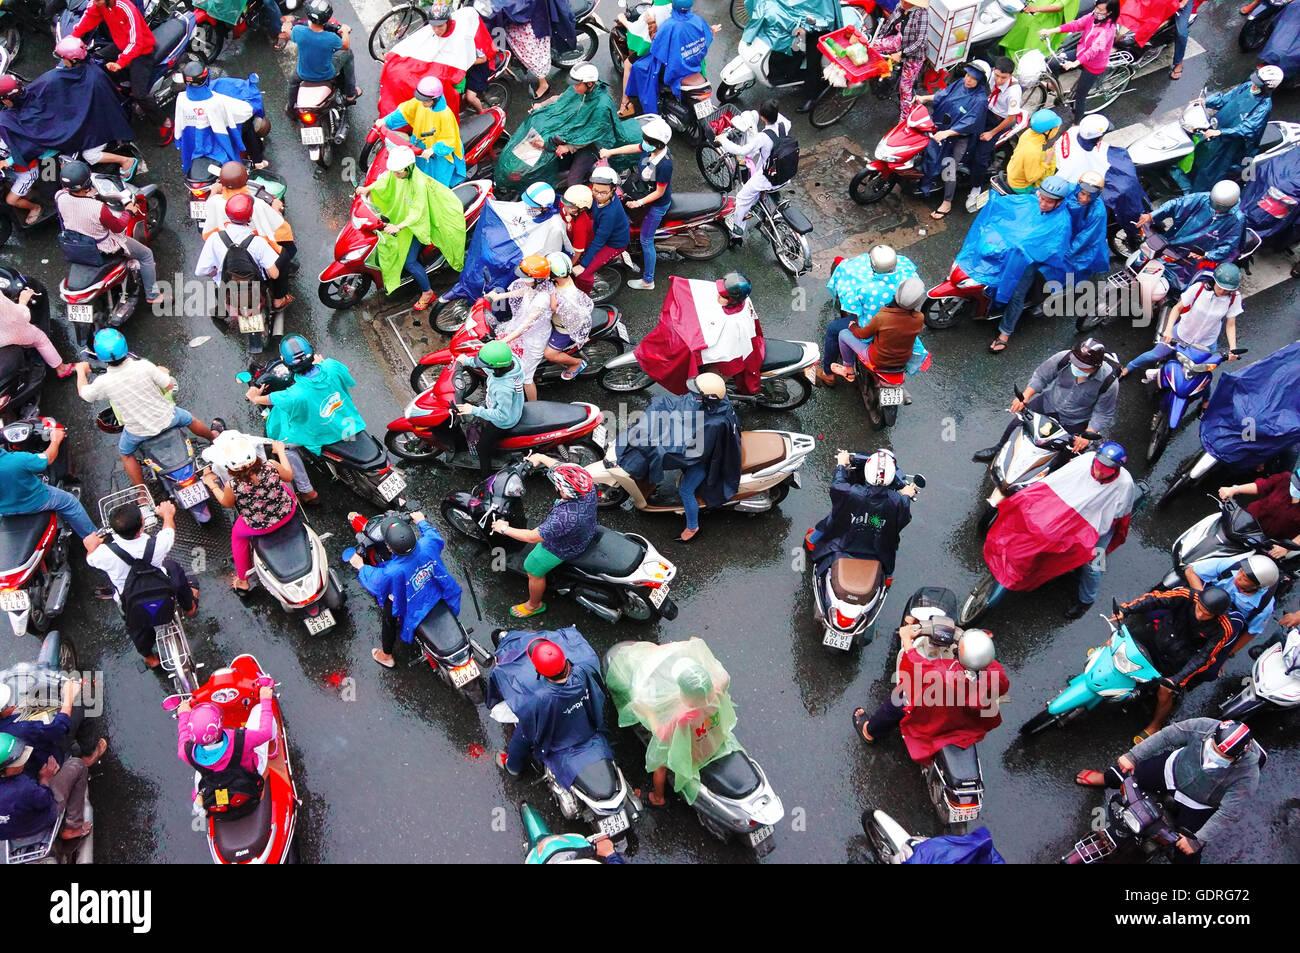 bunte Szene von Asia City in der Hauptverkehrszeit nach Regen am Abend, Stockbild